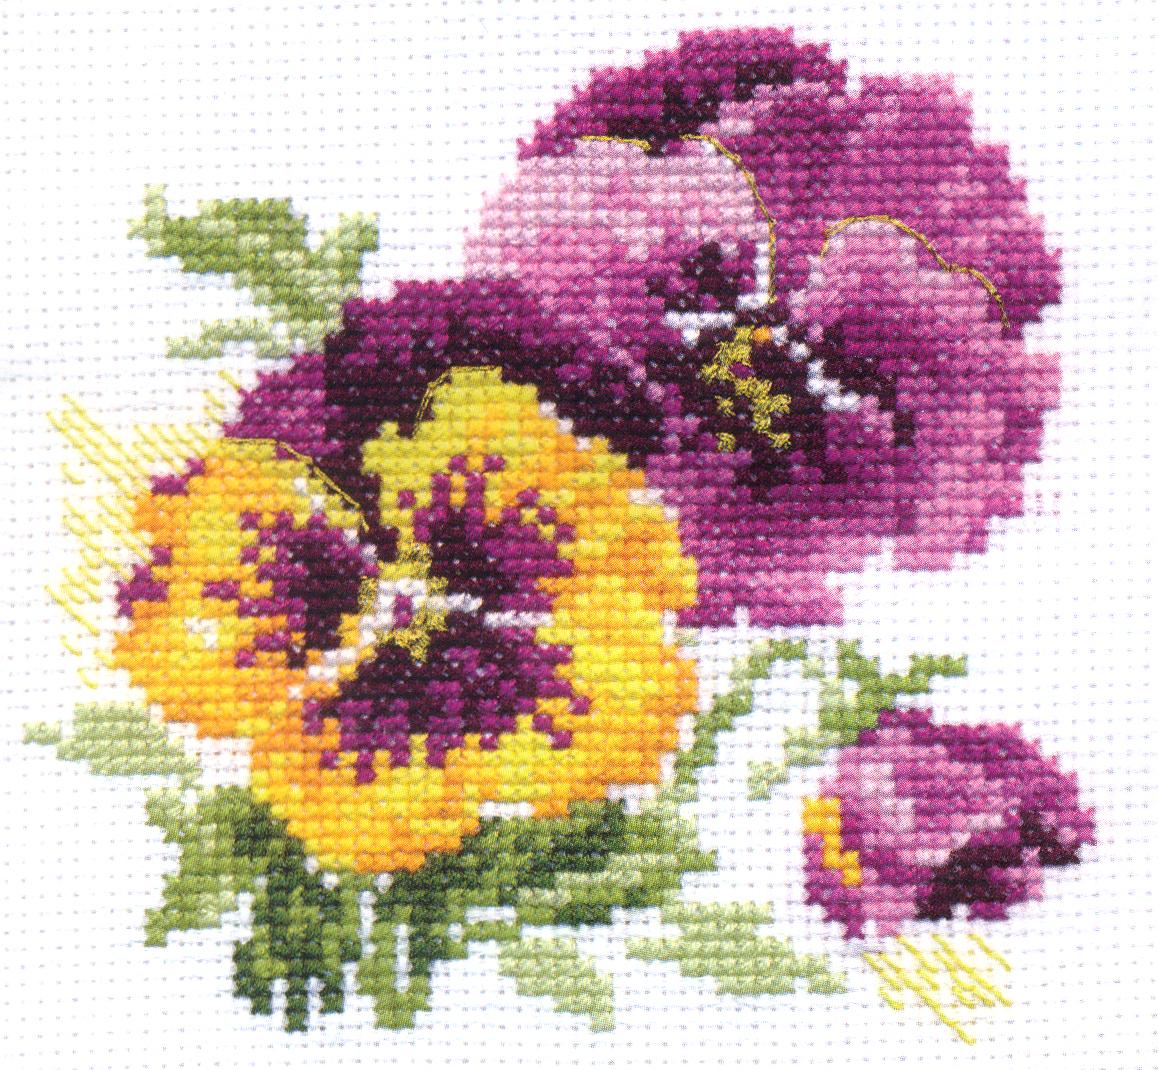 Набор для вышивания крестом Анютины глазки, 11 х 10 см661149